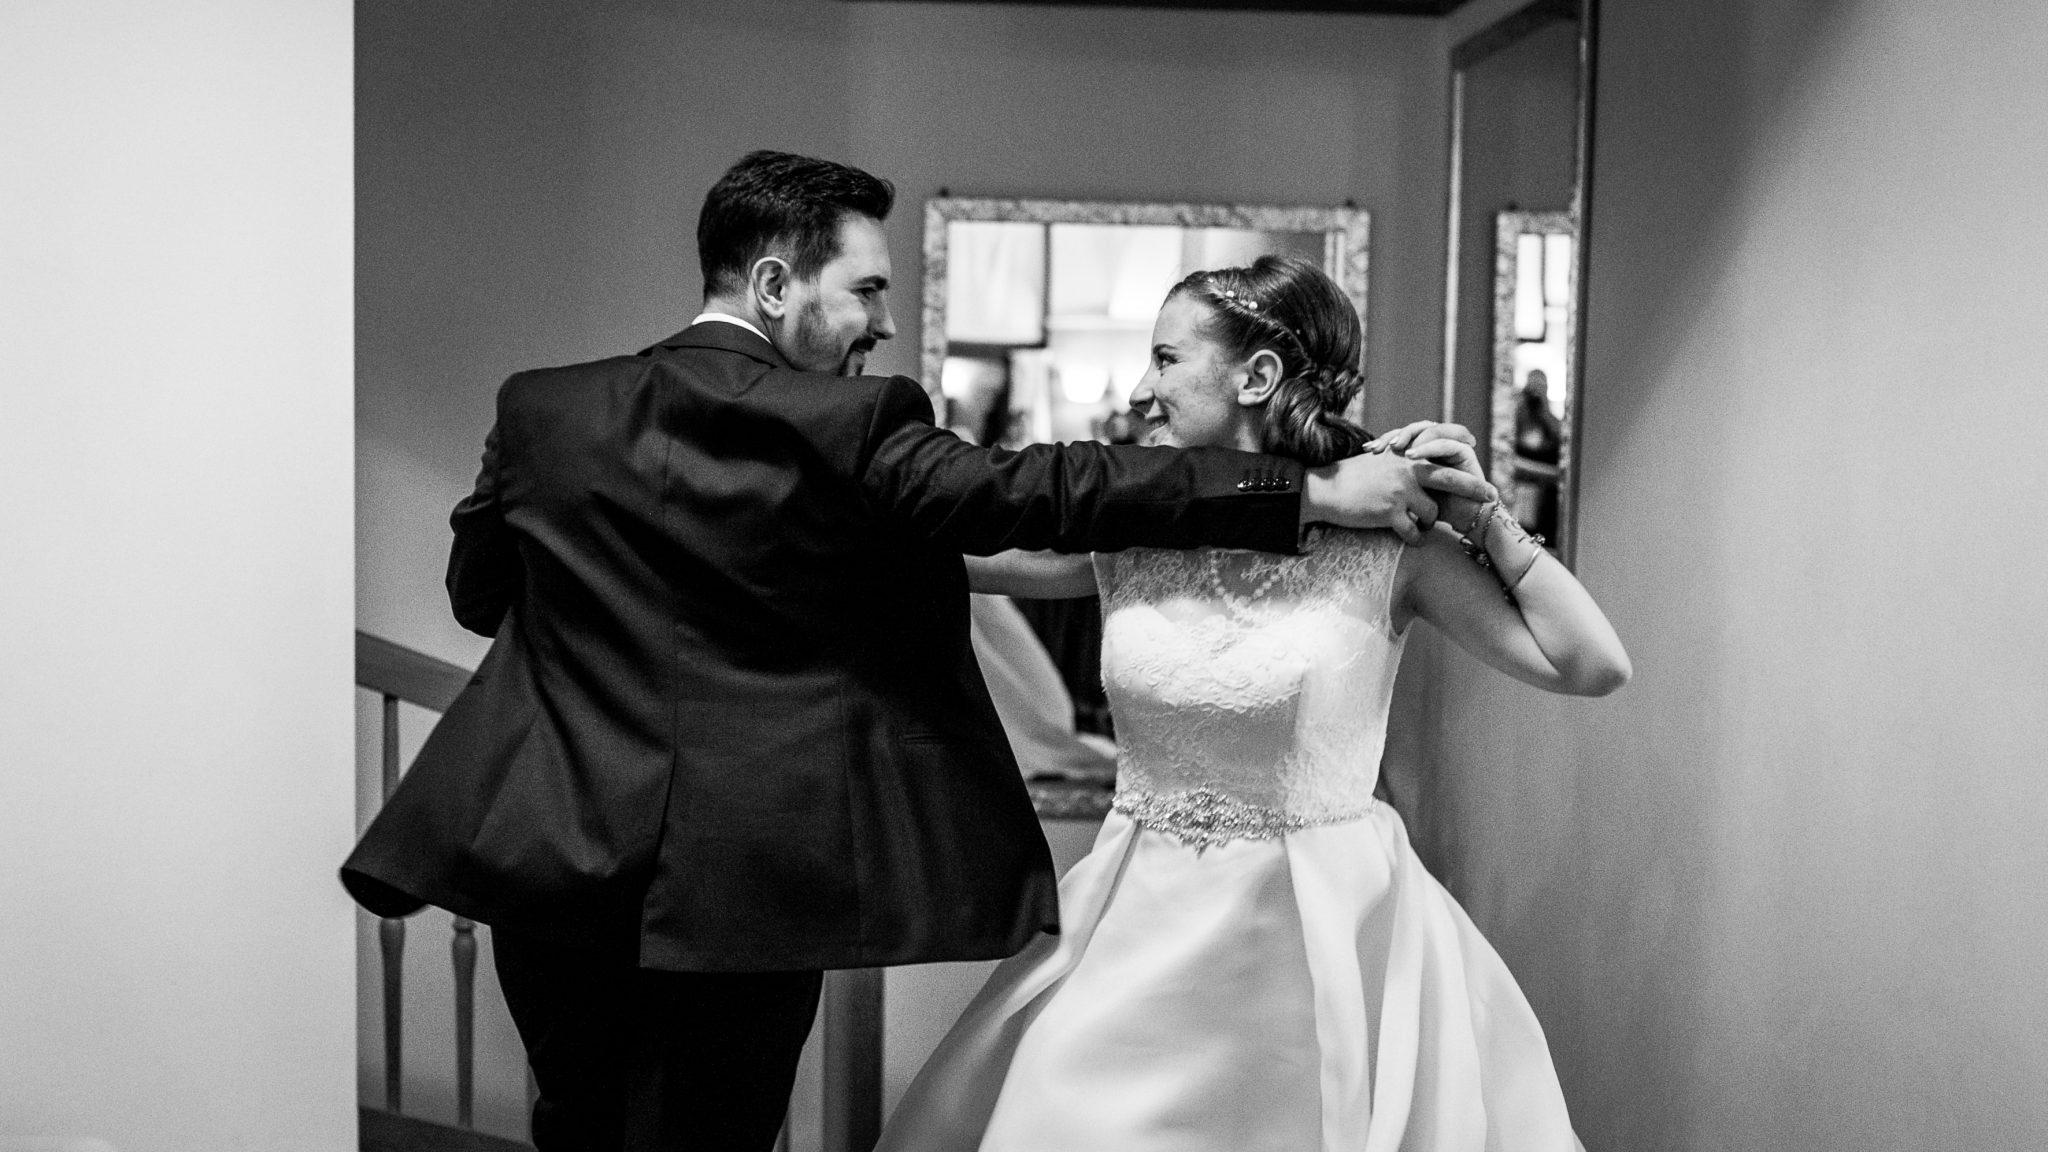 gli sposi ballano divertiti al ricevimento del matrimonio